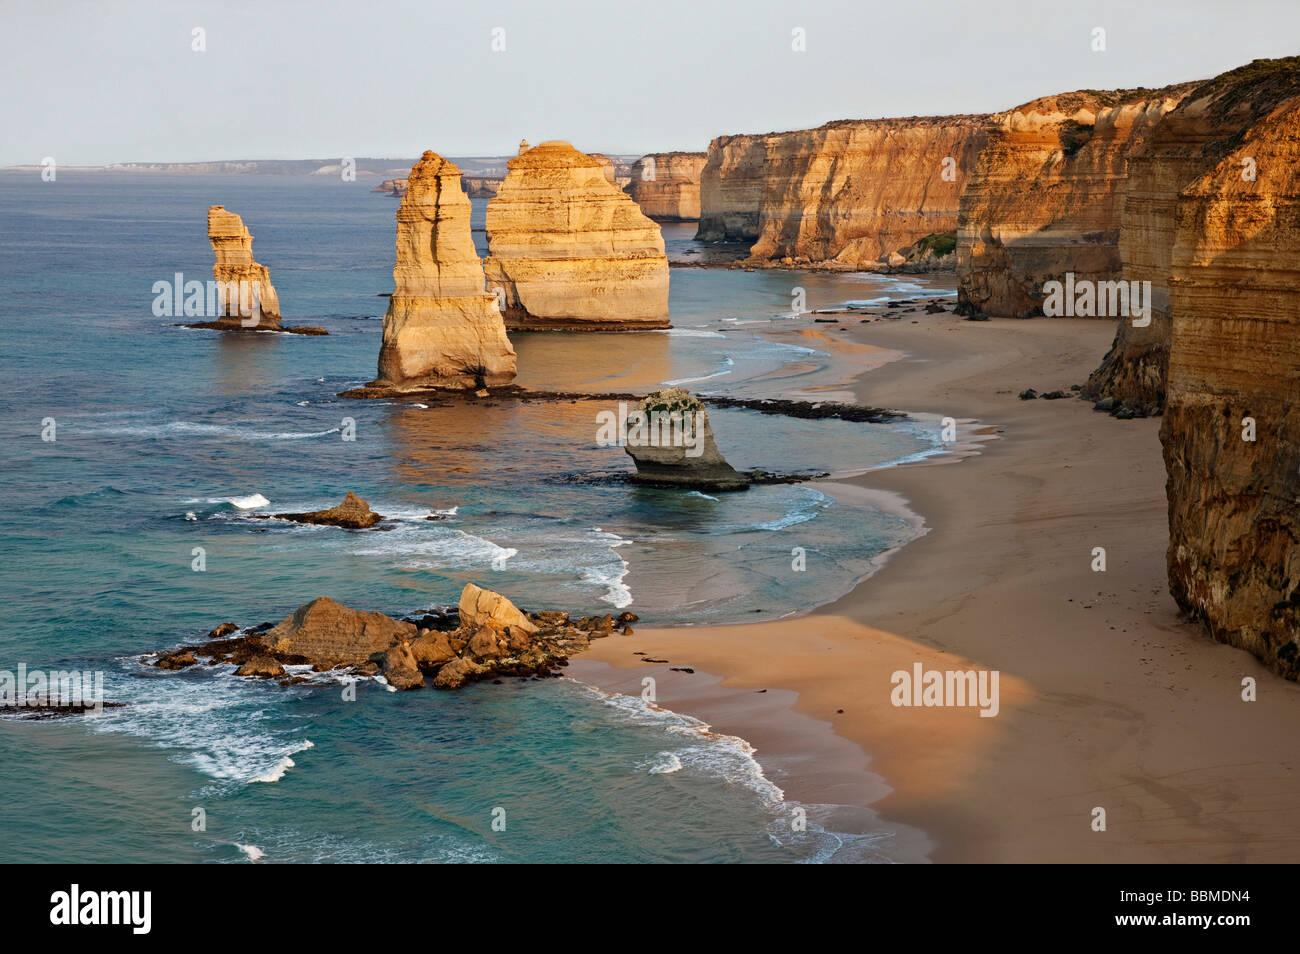 L'Australie, Victoria. Certains des Douze Apôtres debout dans l'eau peu profonde dans le Port Campbell Photo Stock